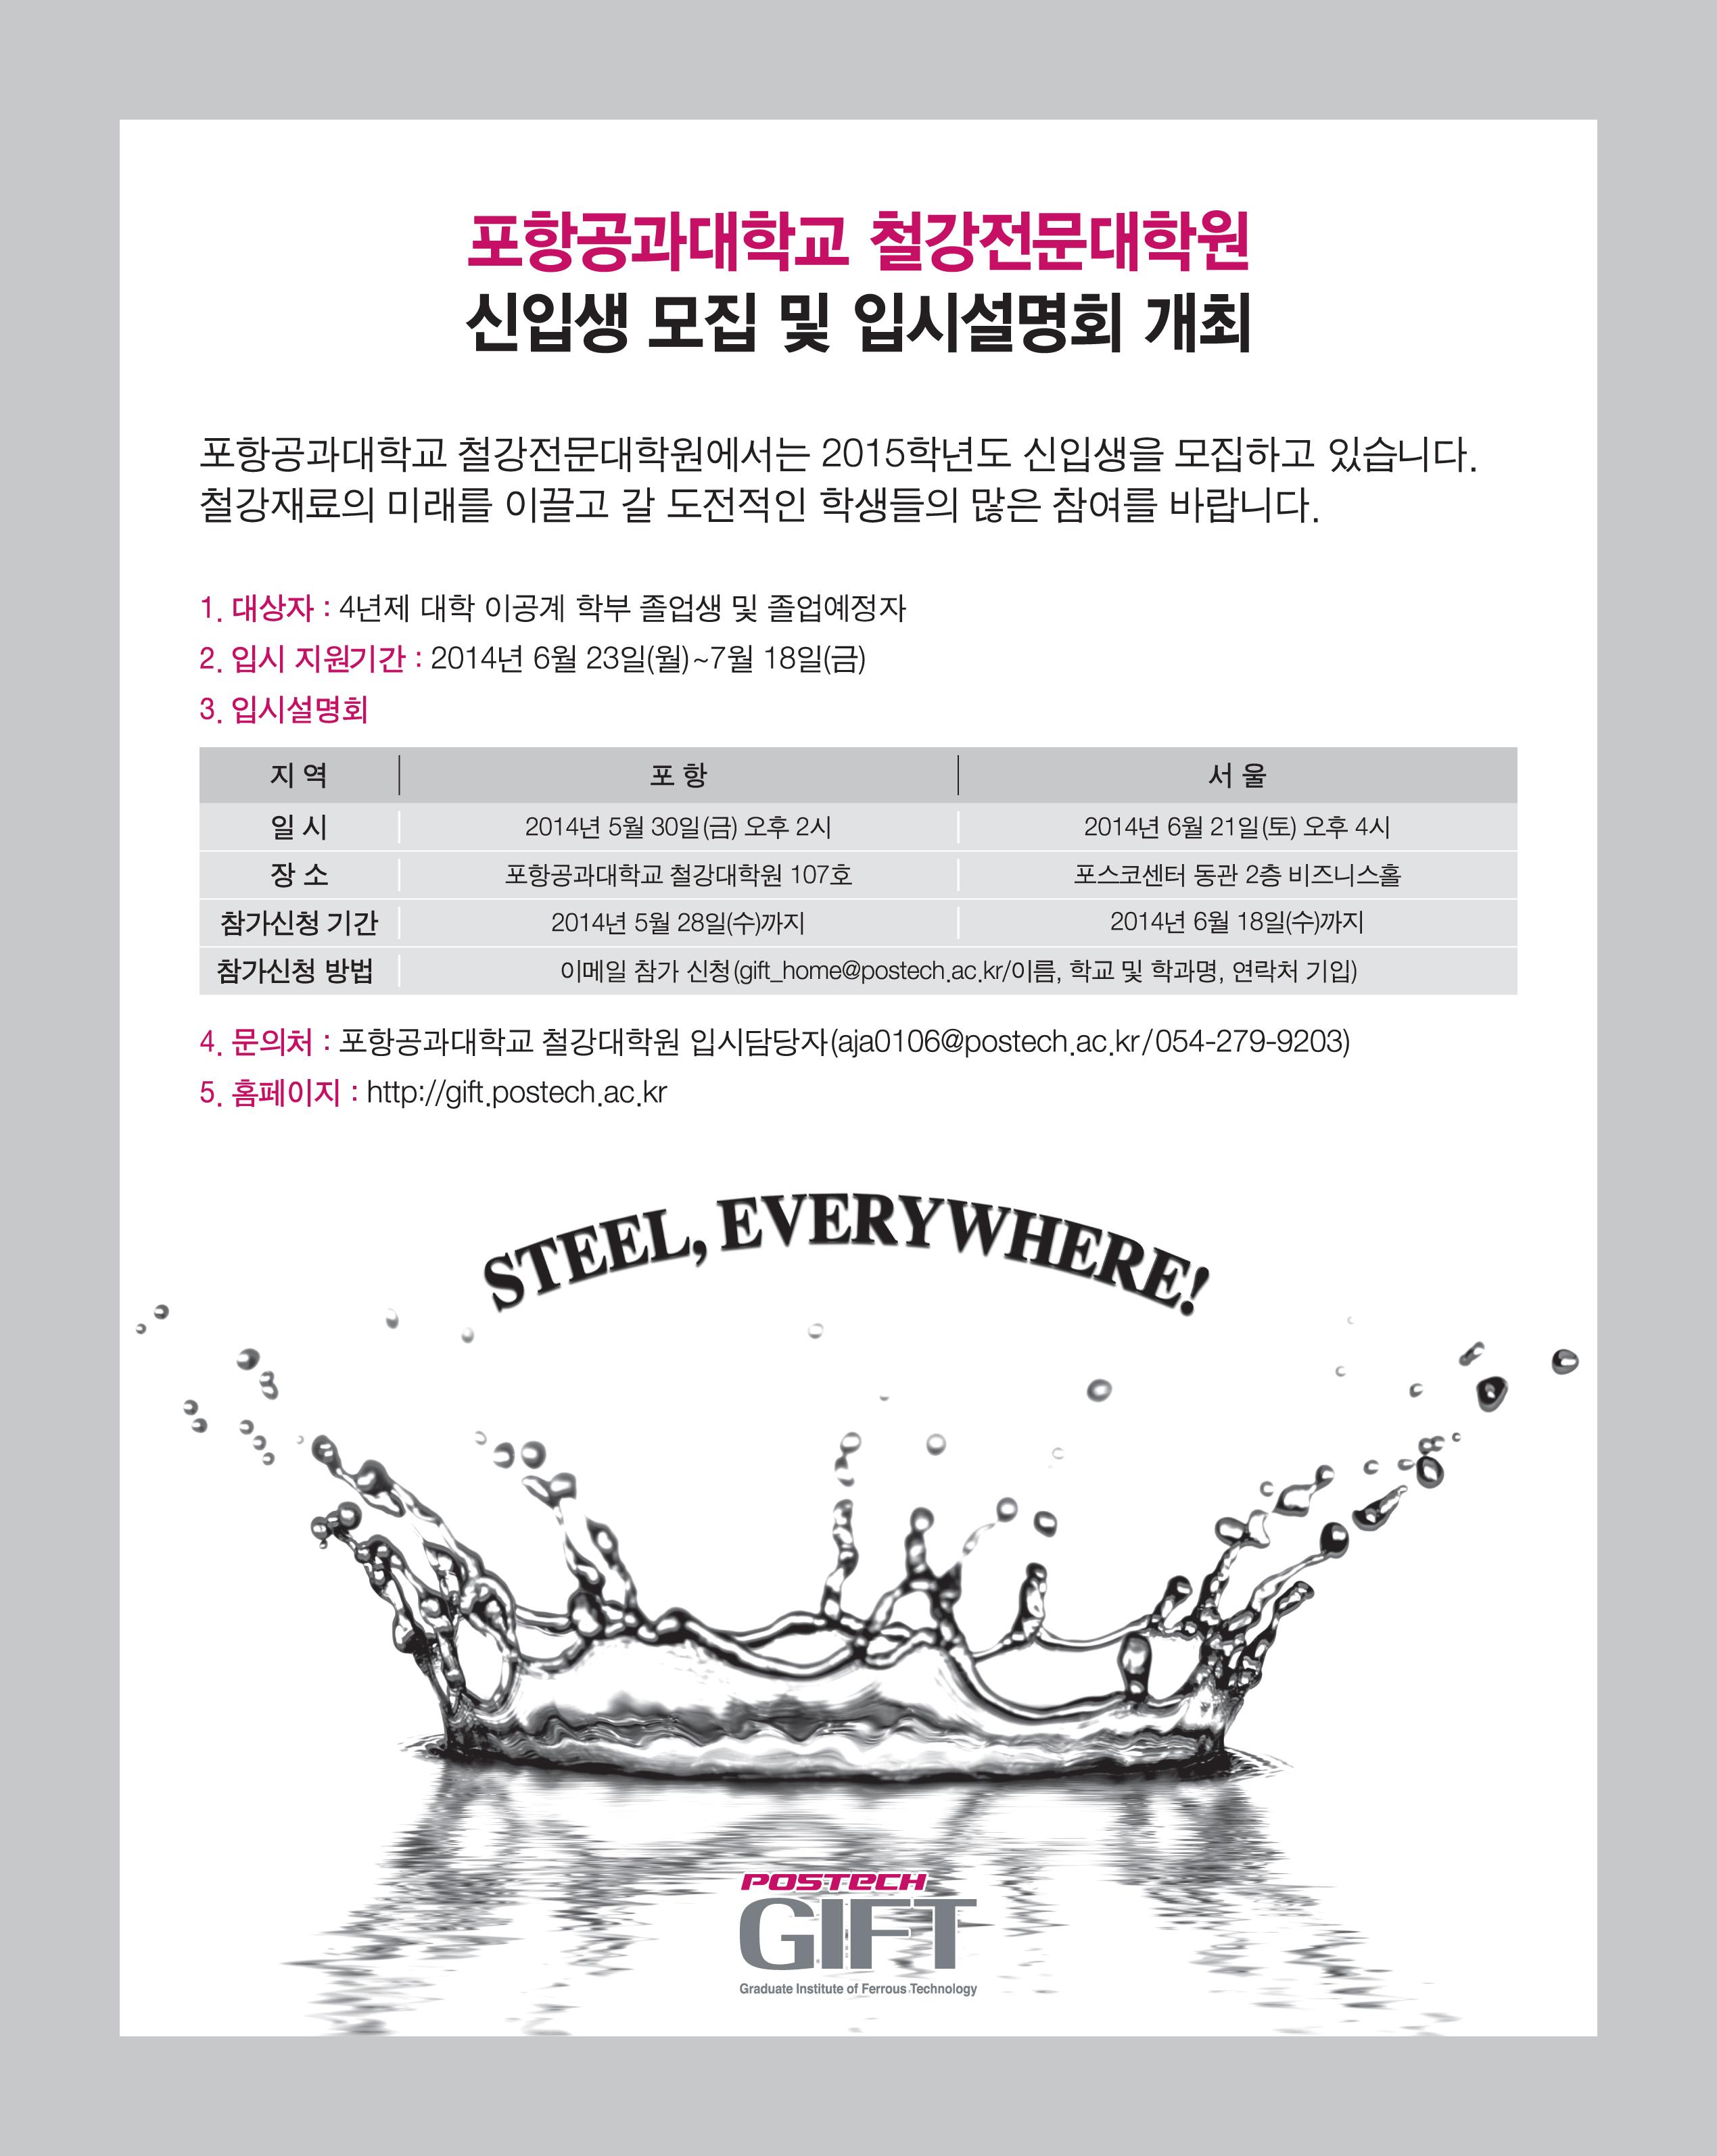 GIFT 신입생 모집 및 입학설명회 개최